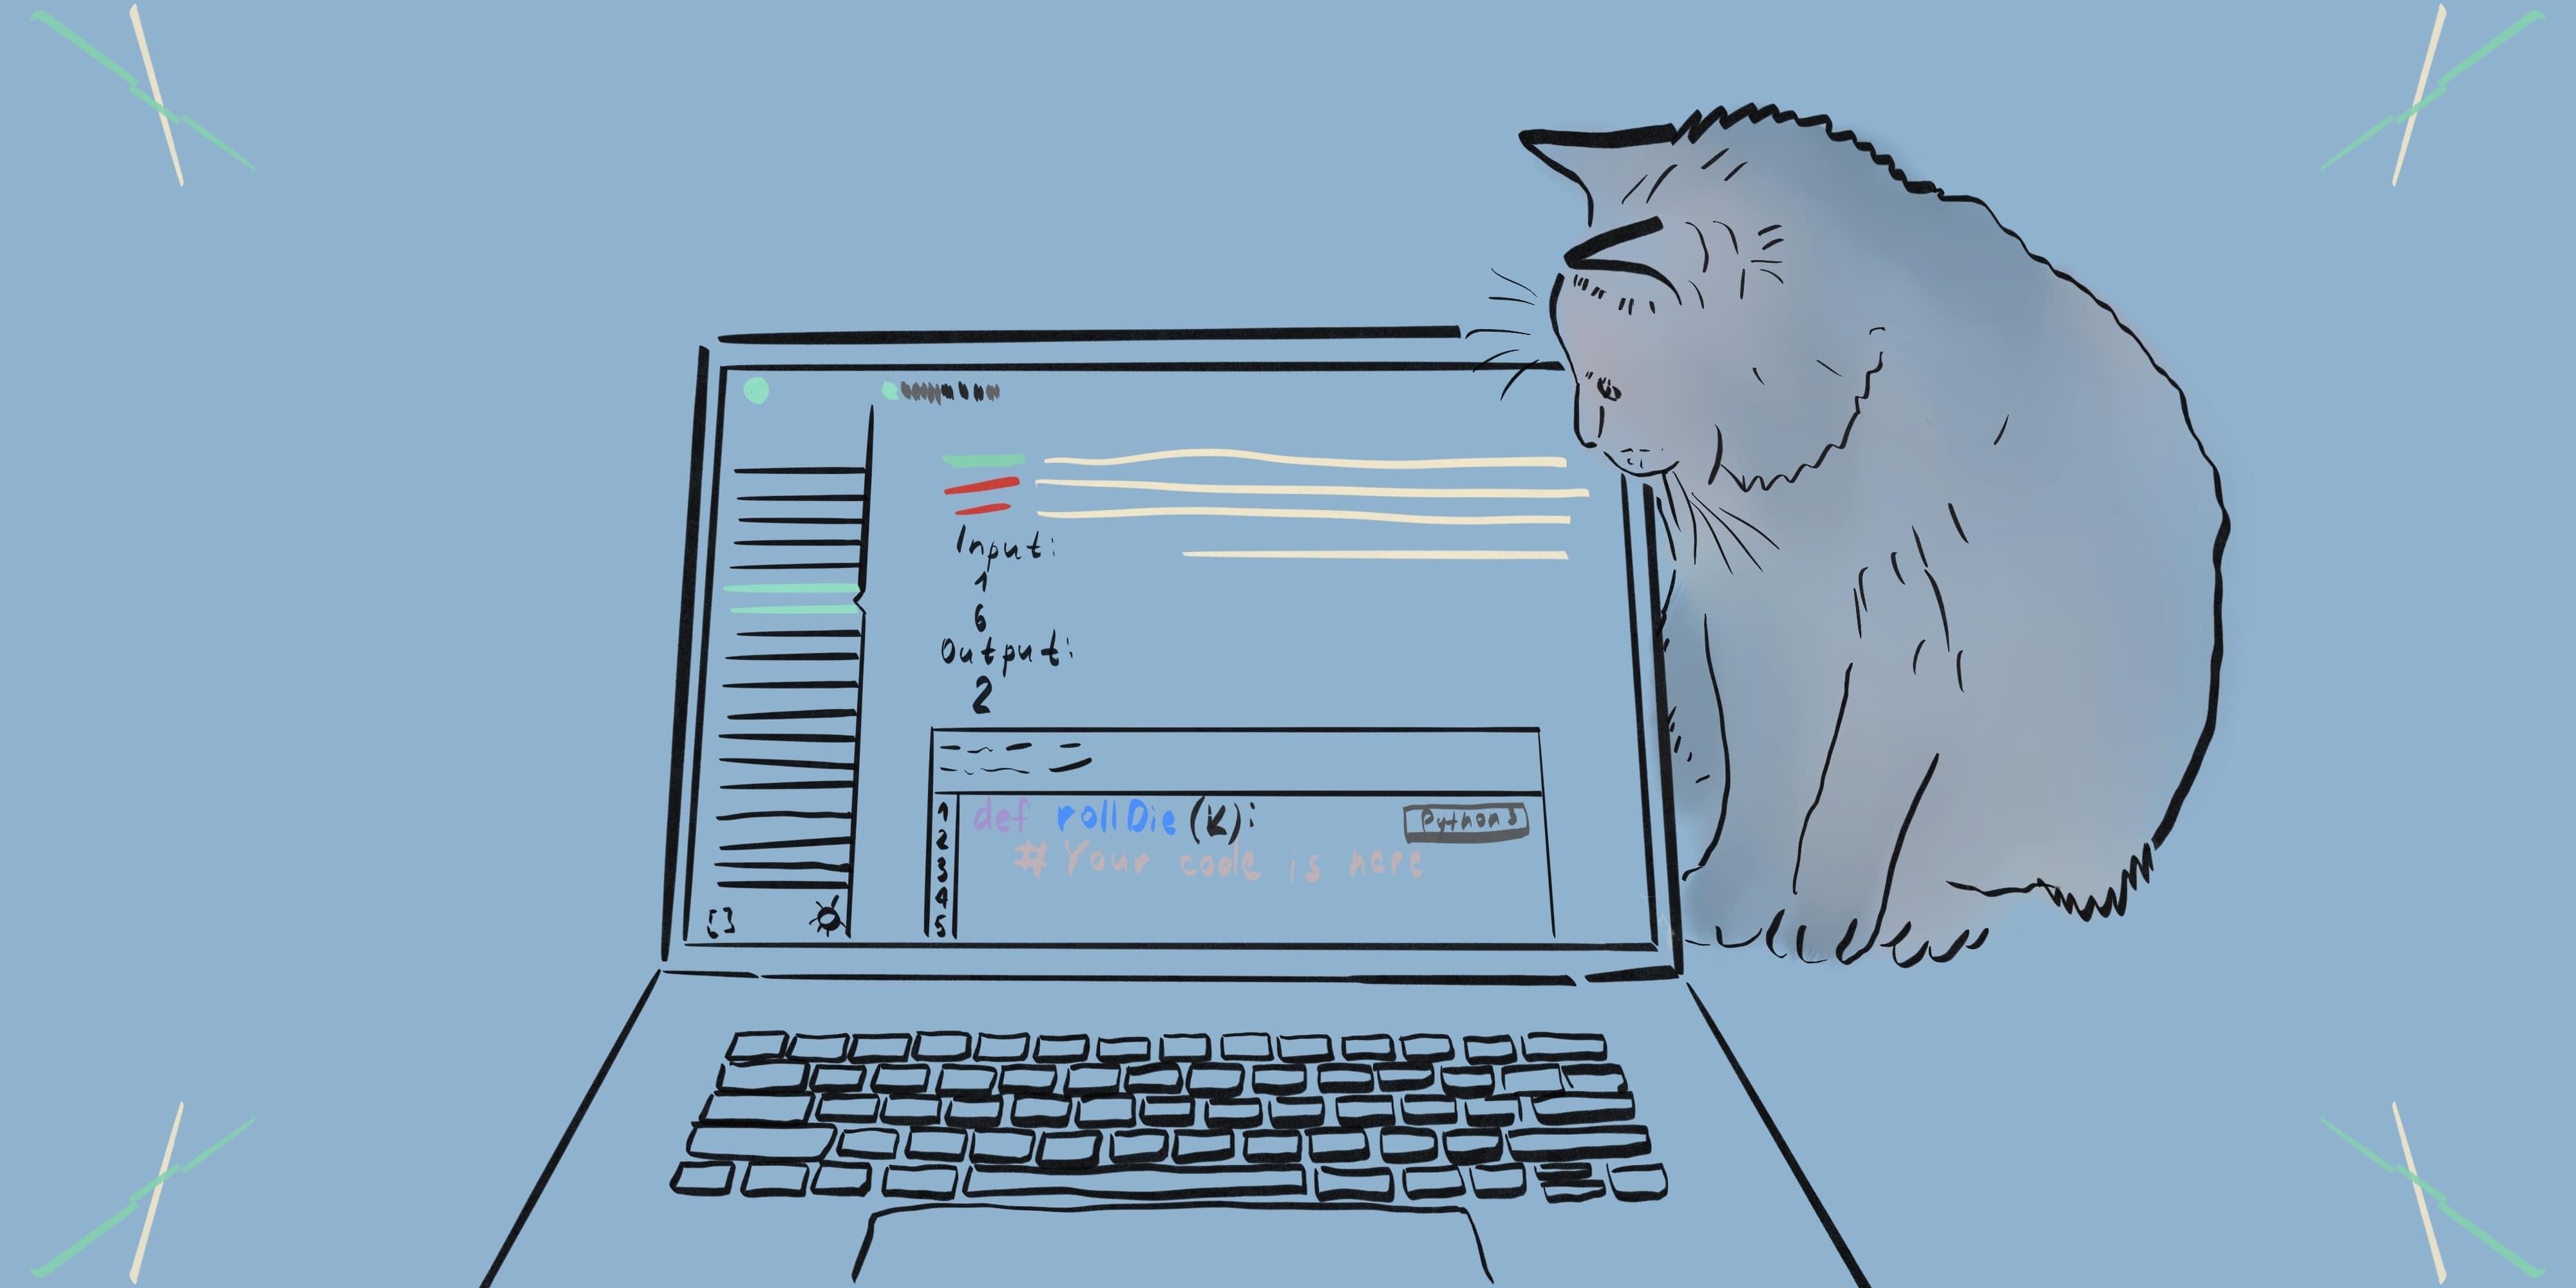 Суперподборка: более 70 бесплатных русскоязычных онлайн-курсов по IT-специальностям